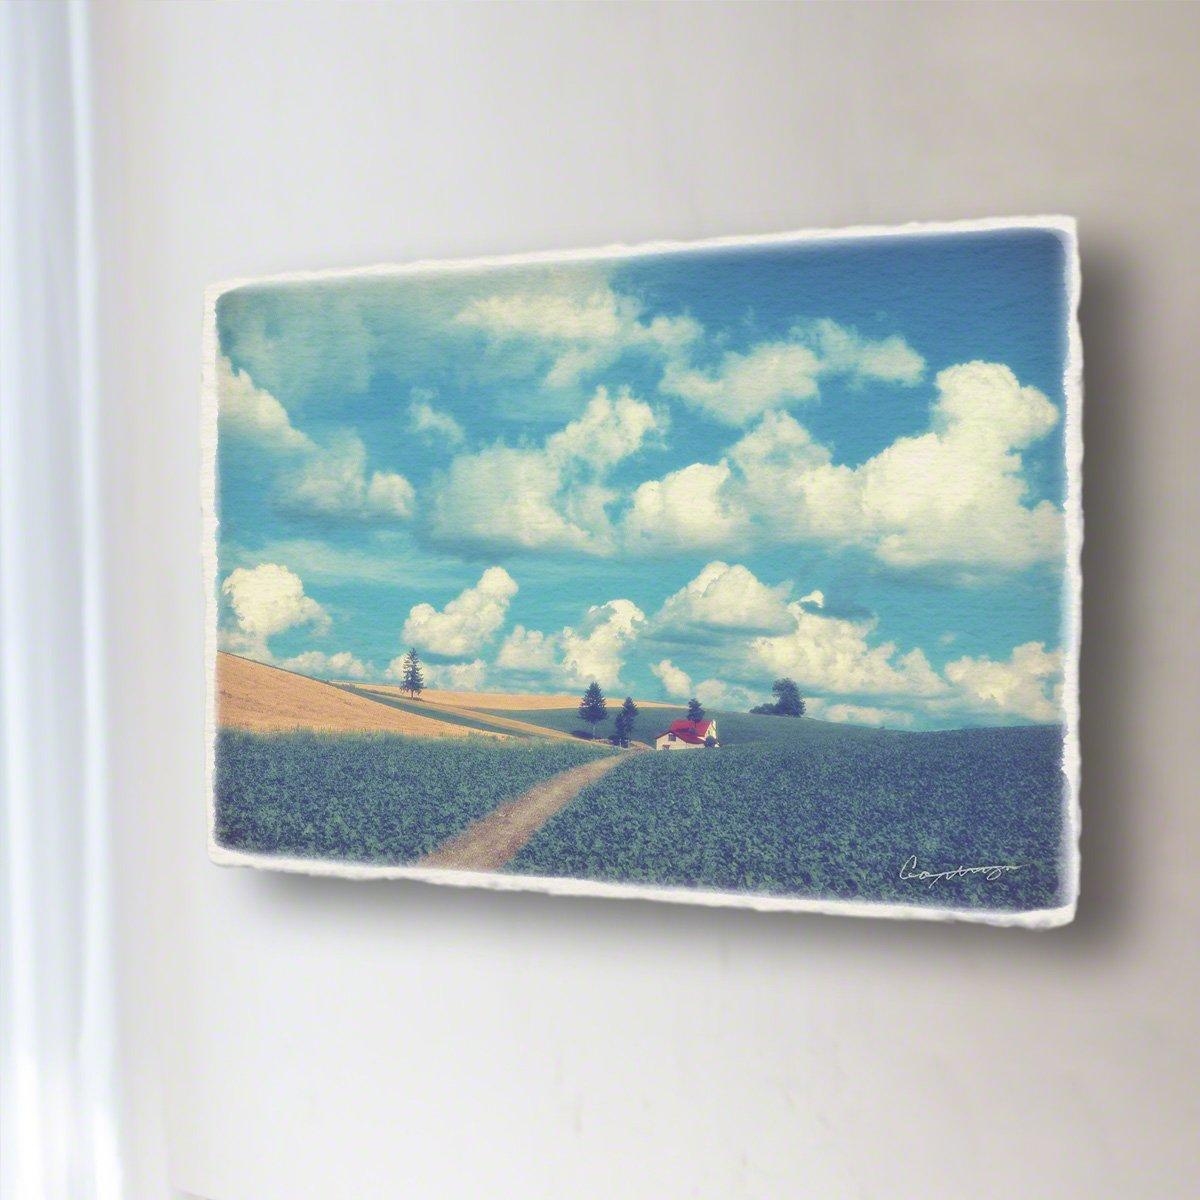 和紙 アートパネル 「夏の雲とジャガイモ畑と赤い家へと続く道」 (54x36cm) 絵 絵画 壁掛け 壁飾り インテリア アート B07F5FK2WW 15.アートパネル(長辺54cm) 29800円|夏の雲とジャガイモ畑と赤い家へと続く道 夏の雲とジャガイモ畑と赤い家へと続く道 15.アートパネル(長辺54cm) 29800円